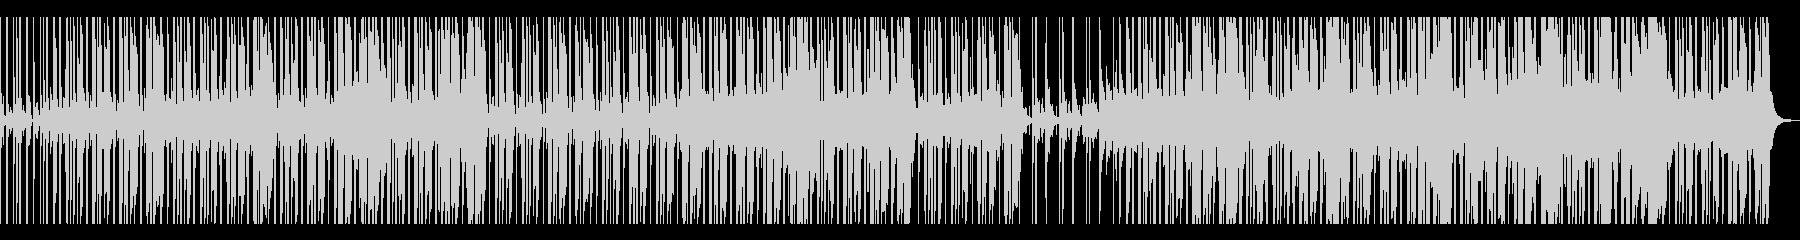 【短いVer6】スローファンクロックの未再生の波形